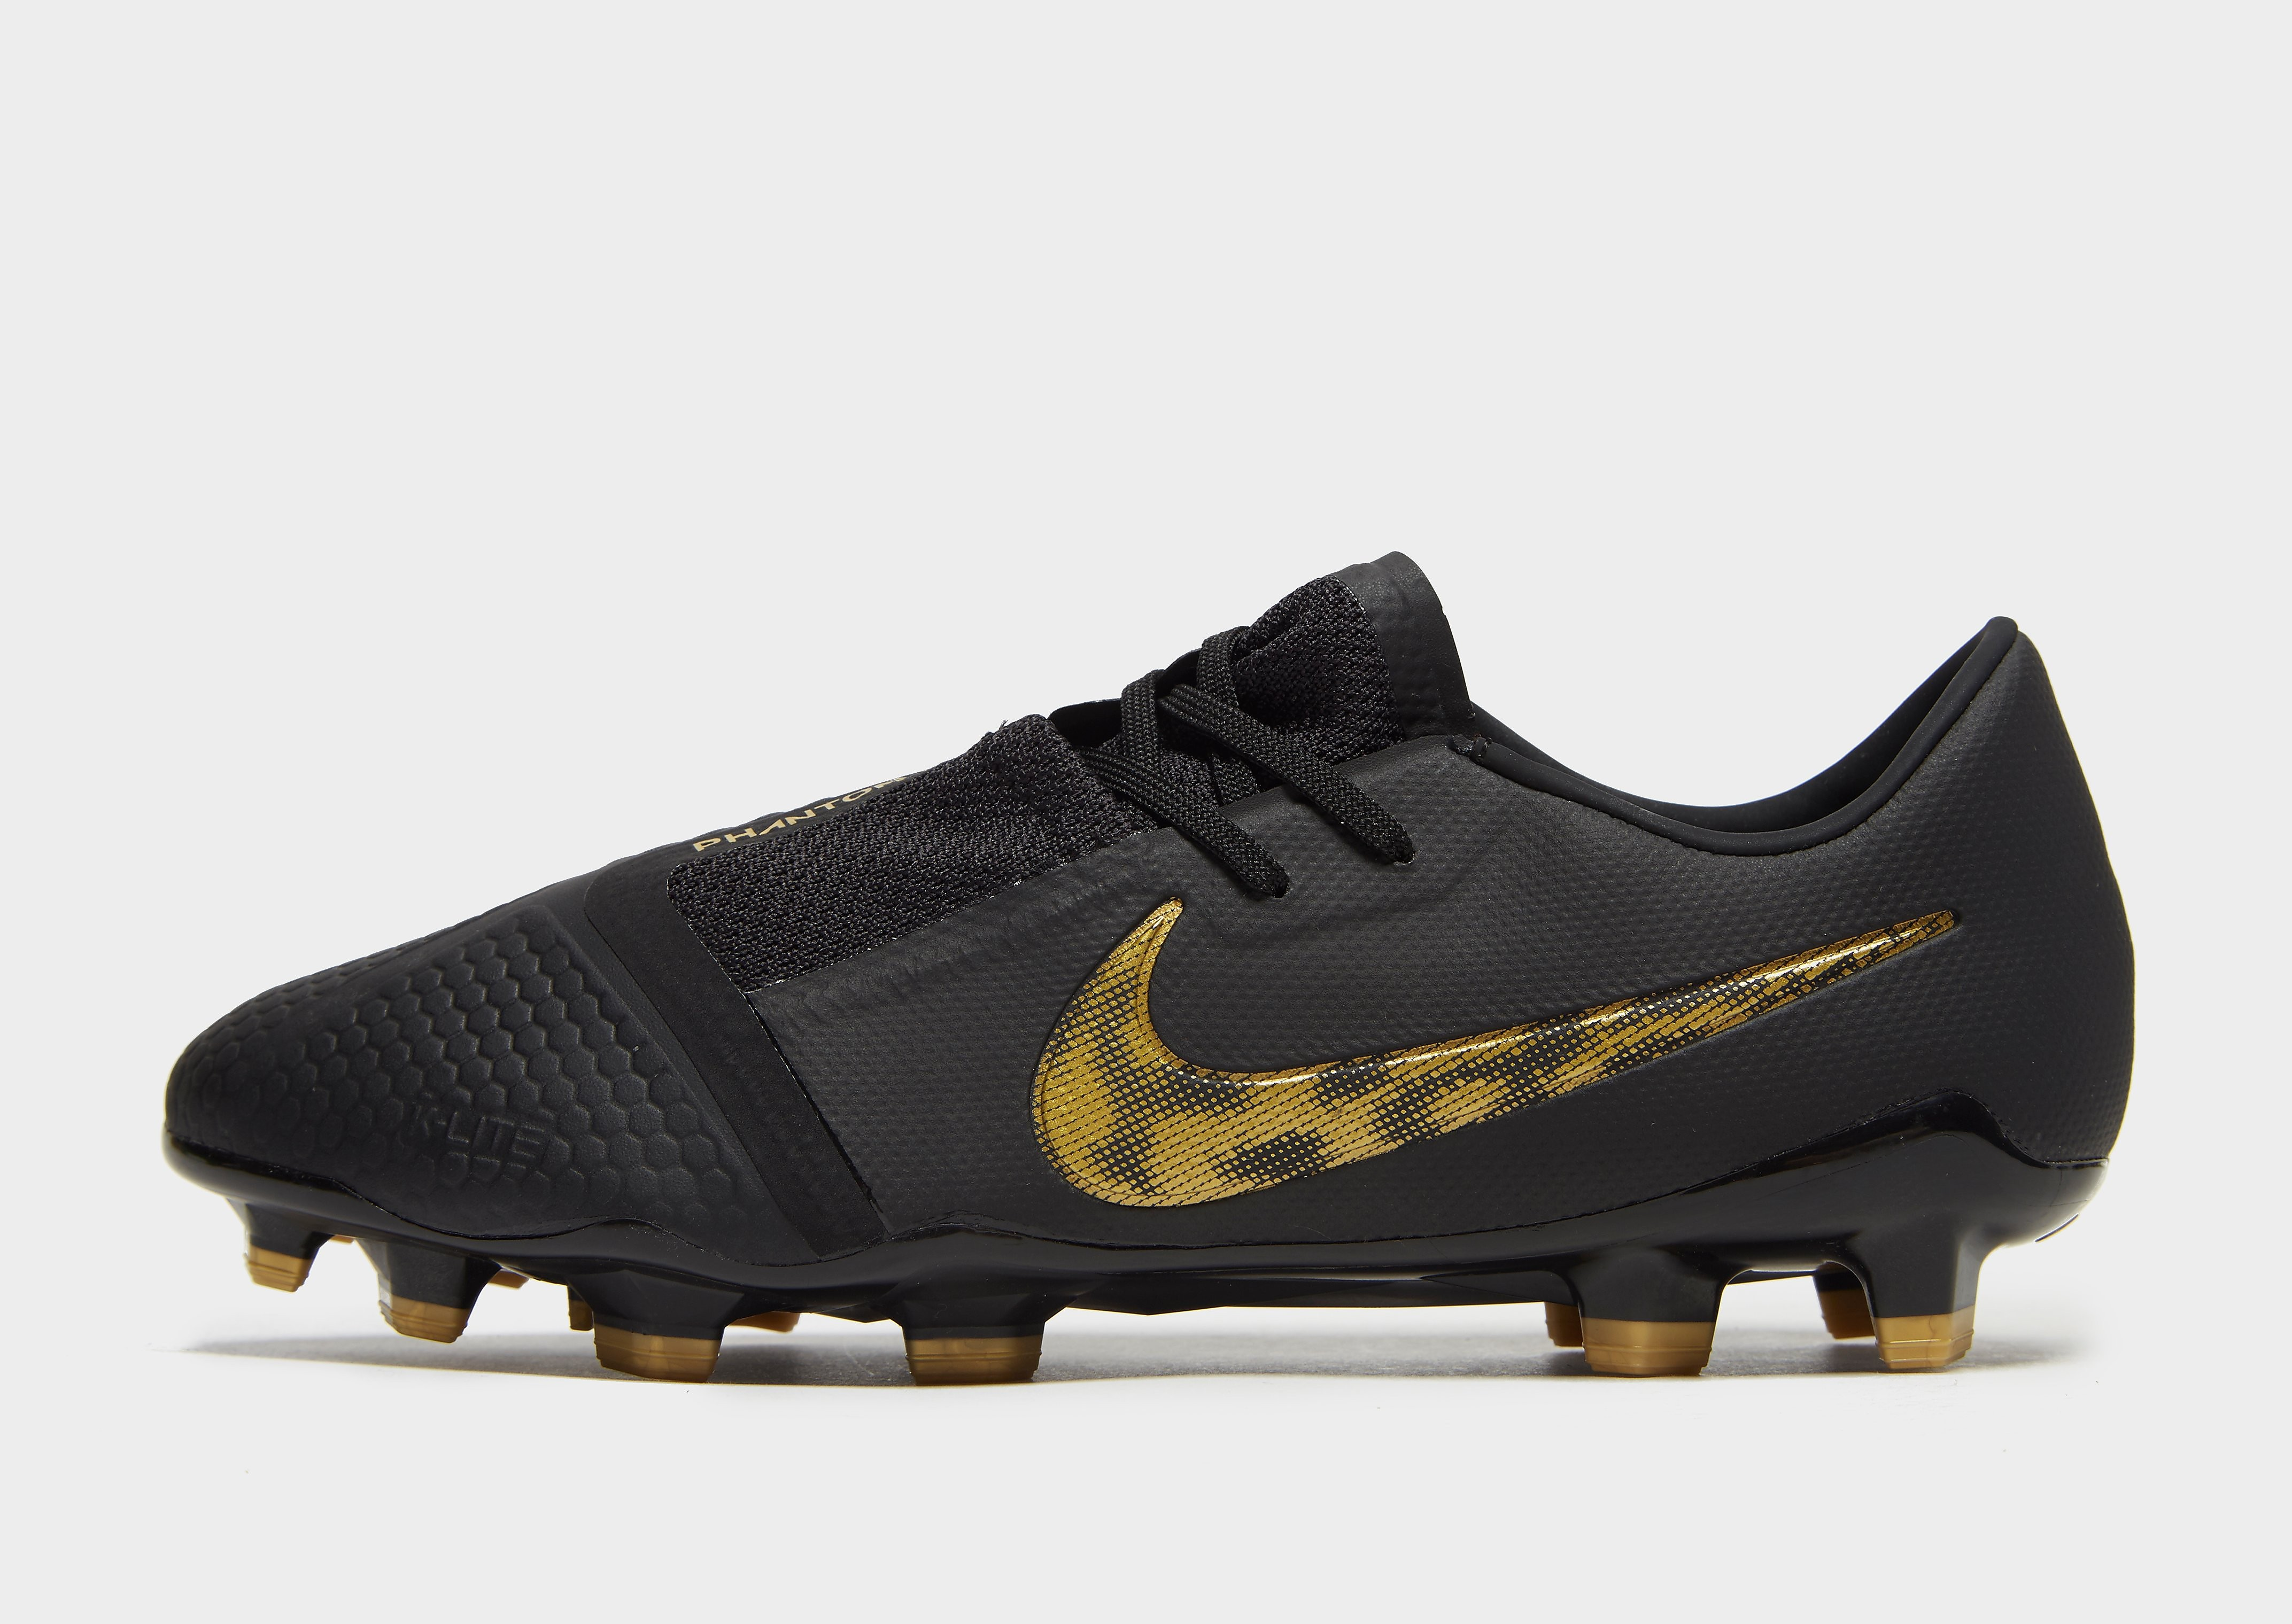 check out c9fb6 73fcb Nike fotbollsskor billigt på nätet och få cashback | Cashbacker